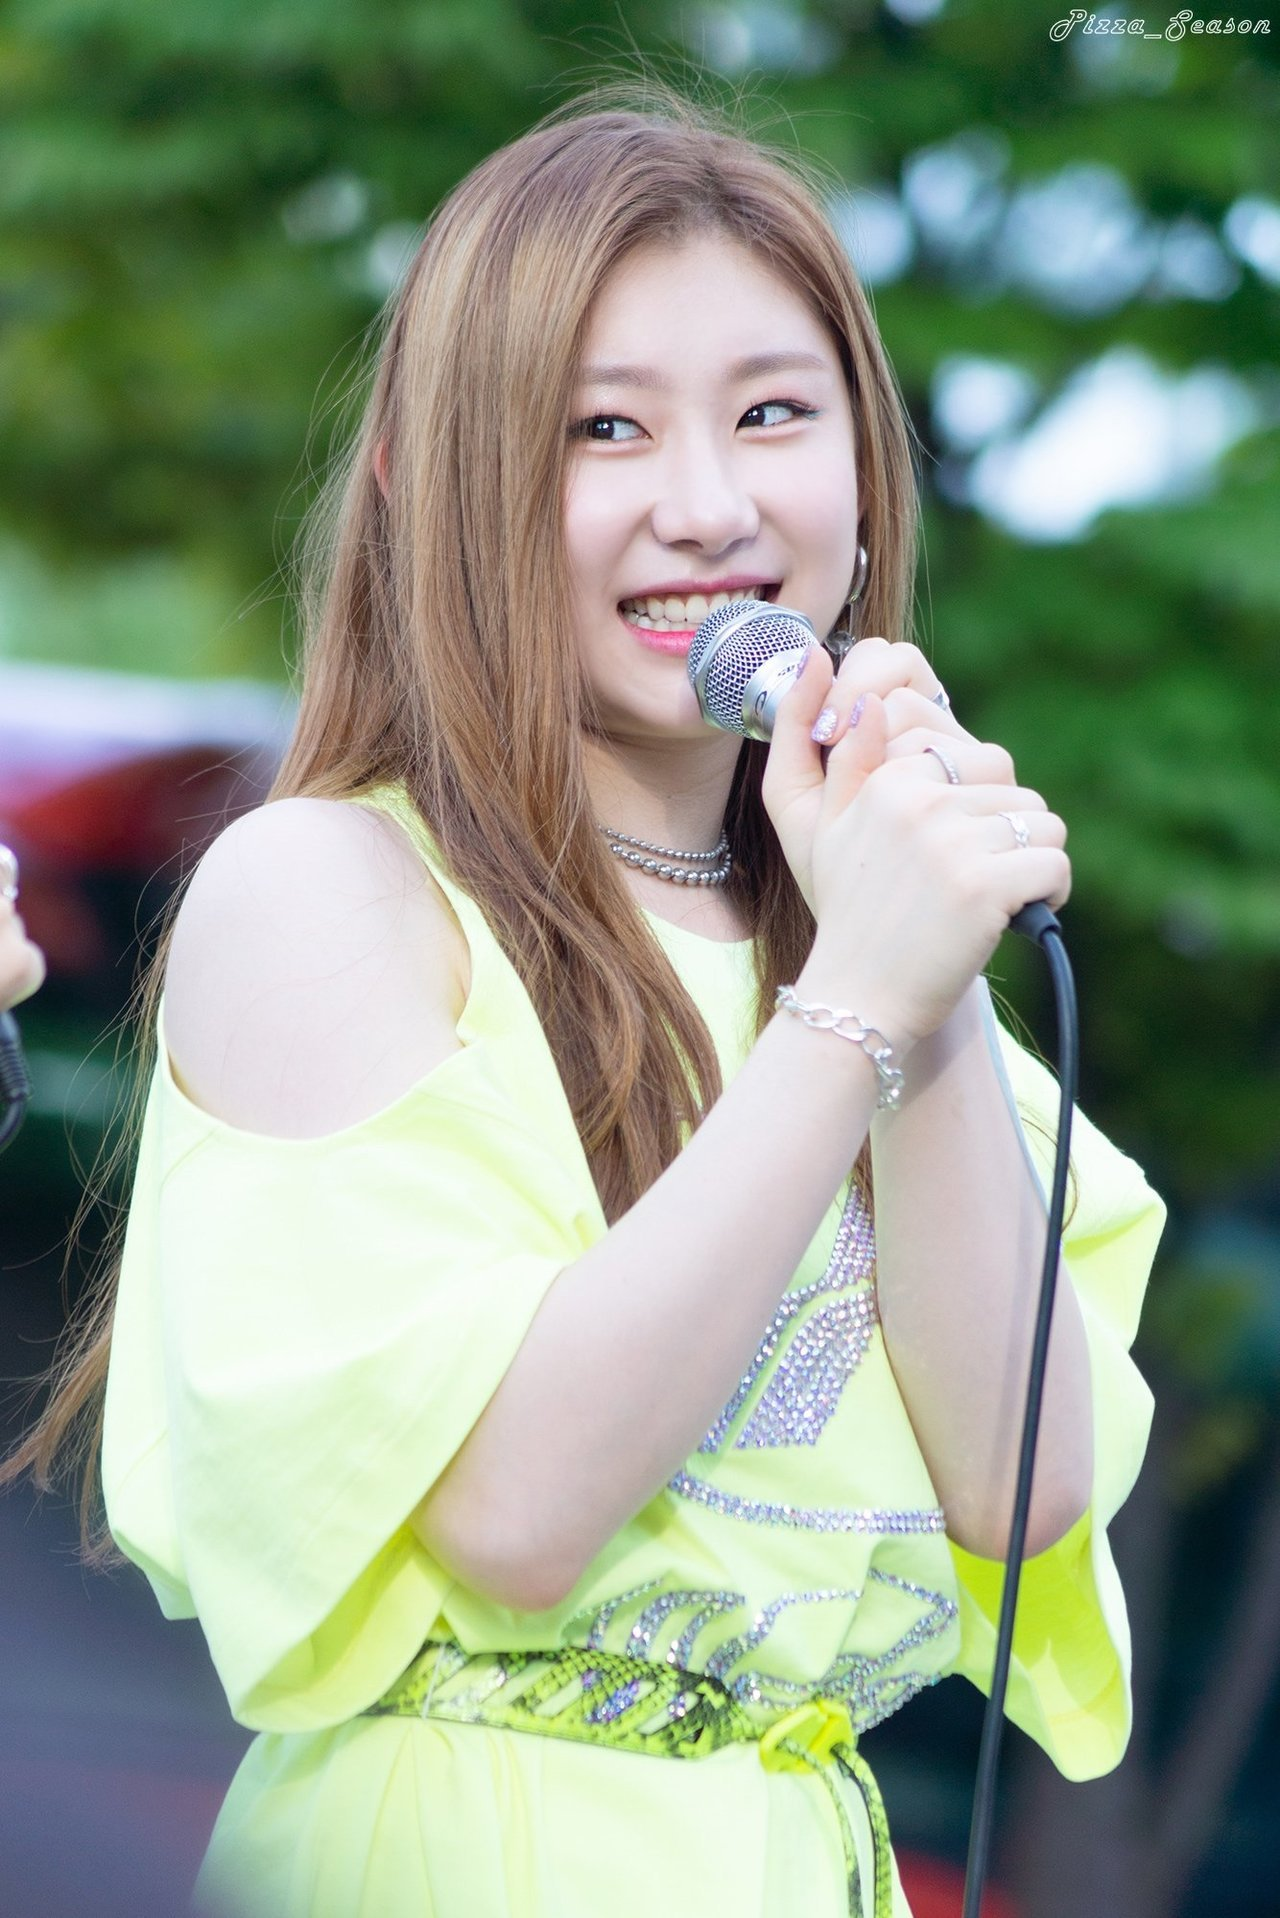 chaeryeong 2